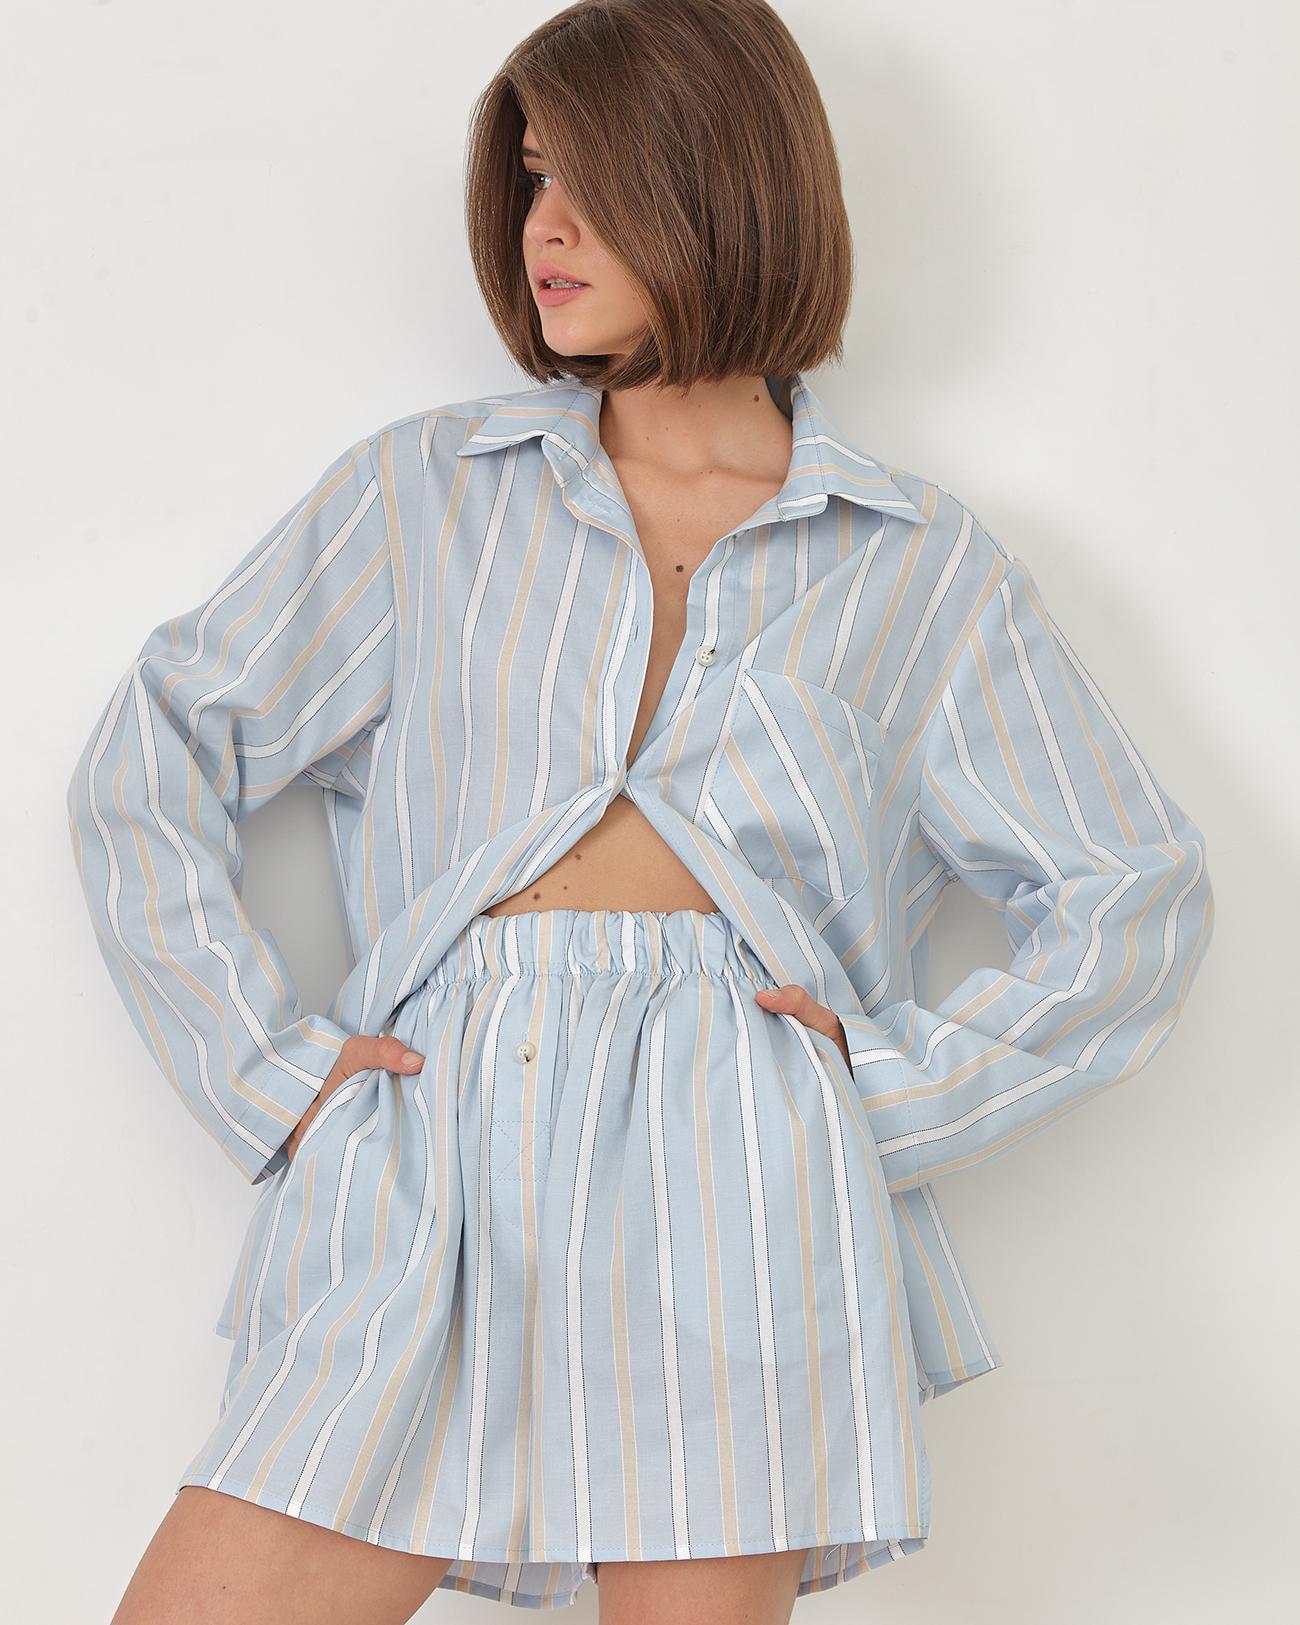 Комплект: рубашка с шортами в голубую полоску фото